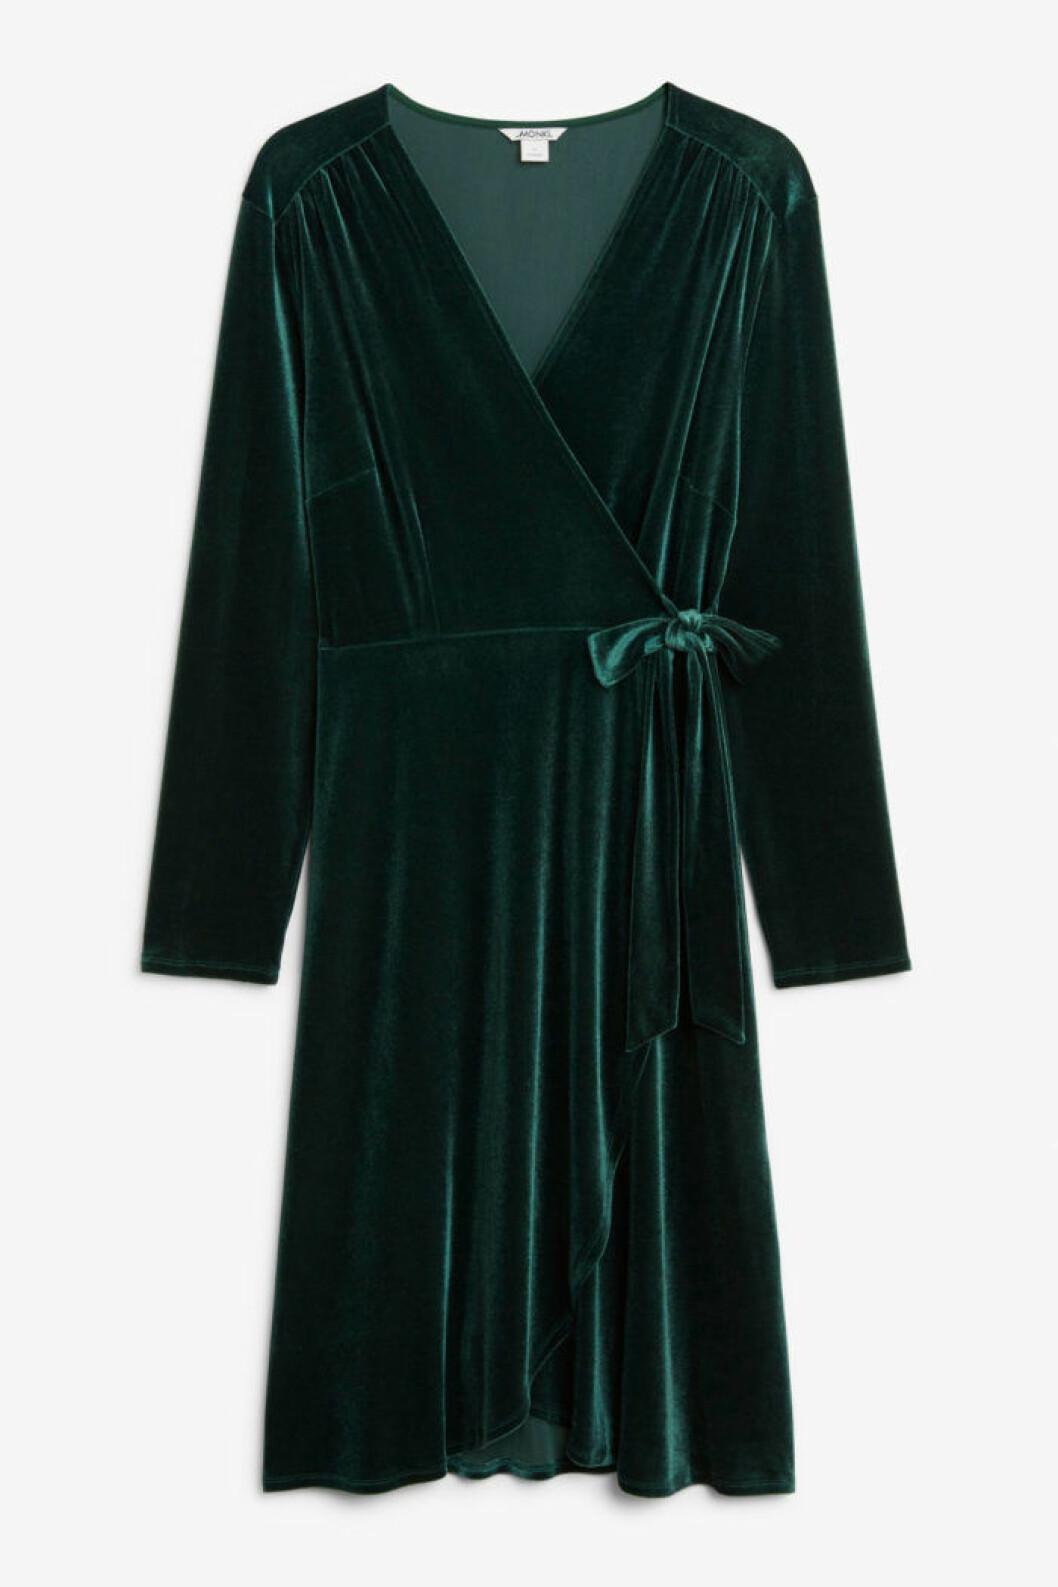 Mörkgrön sammetsklänning från Monki